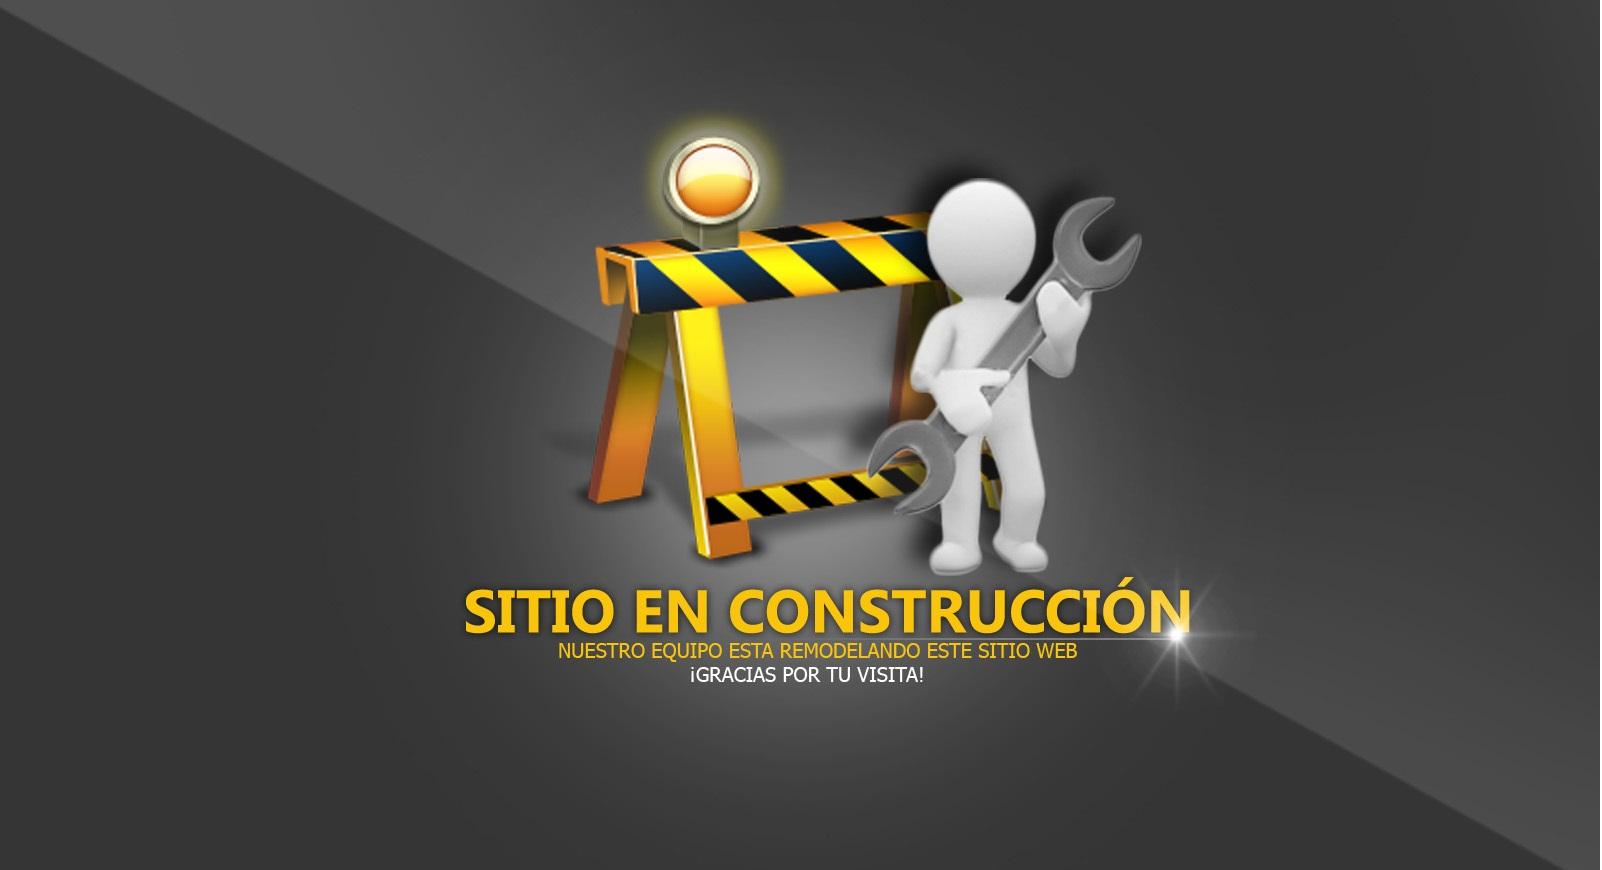 sitio-en-construccion-fll